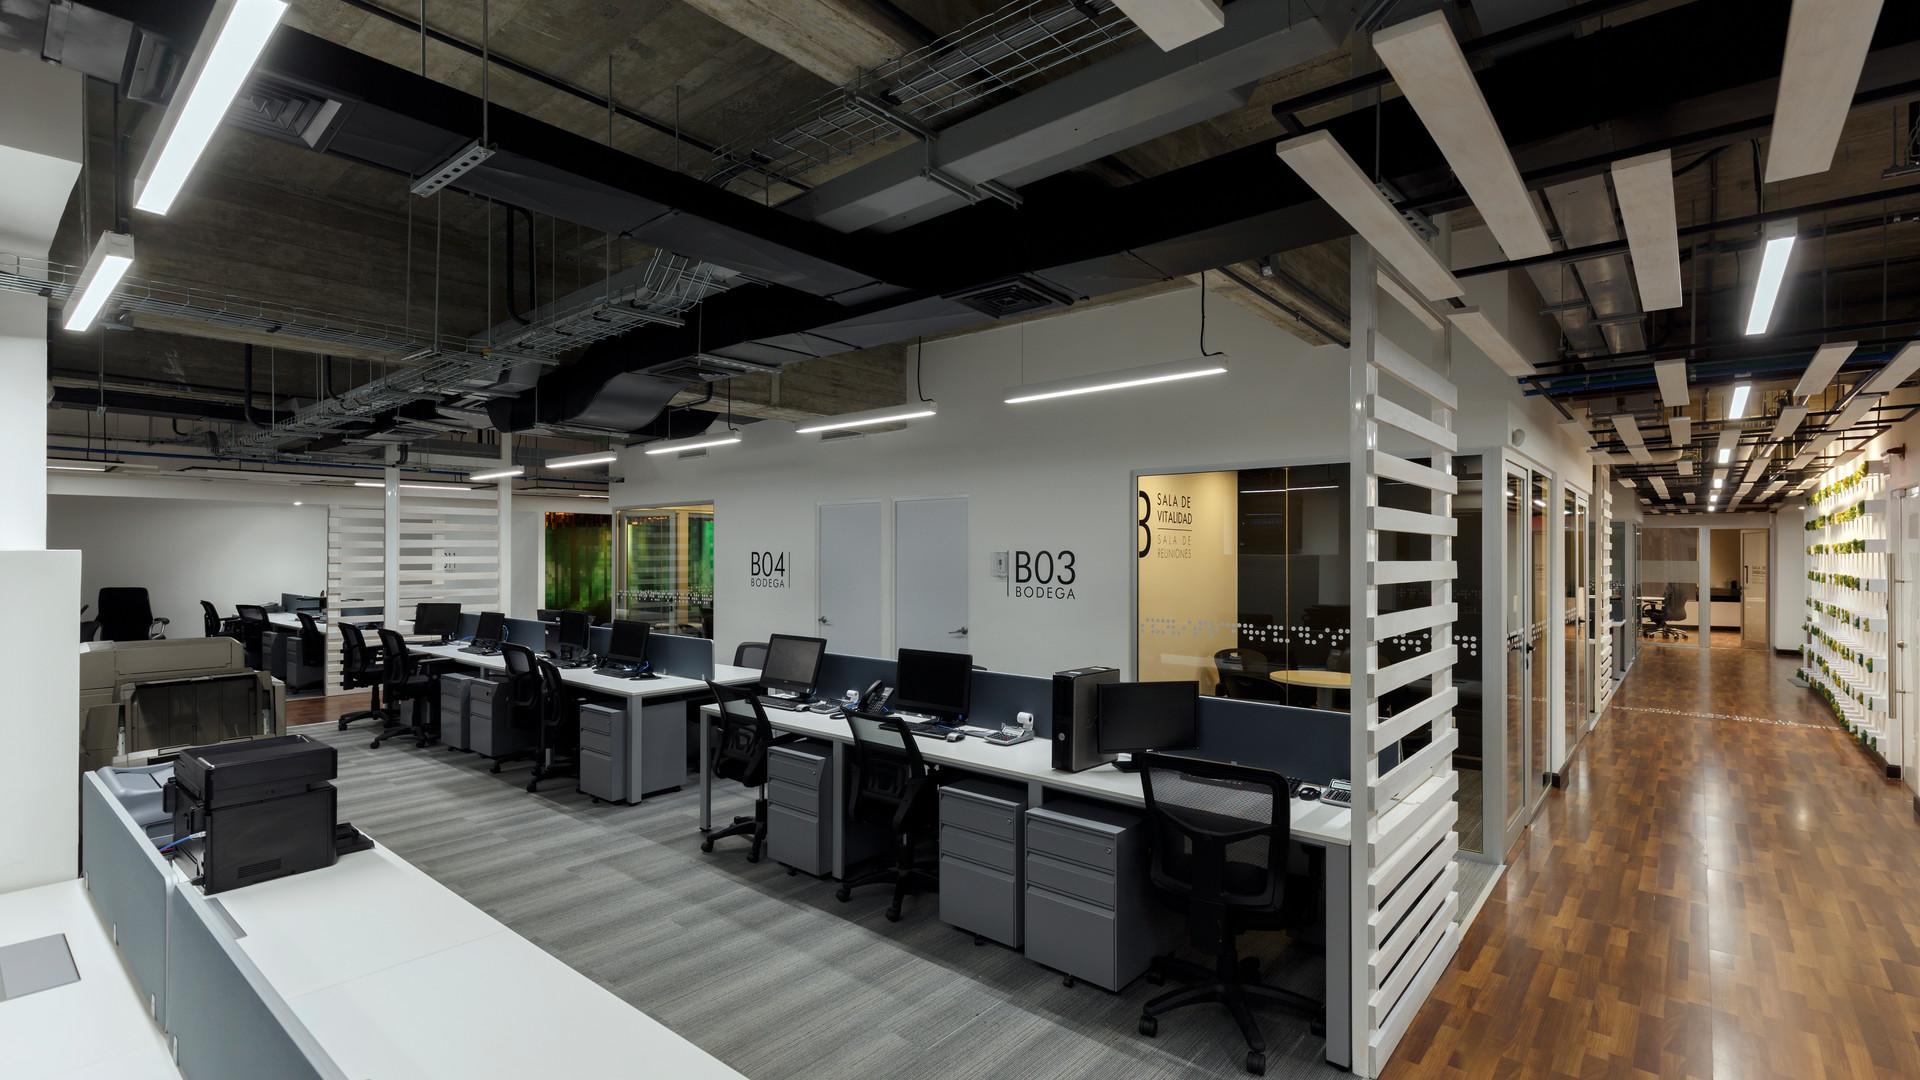 Department spaces